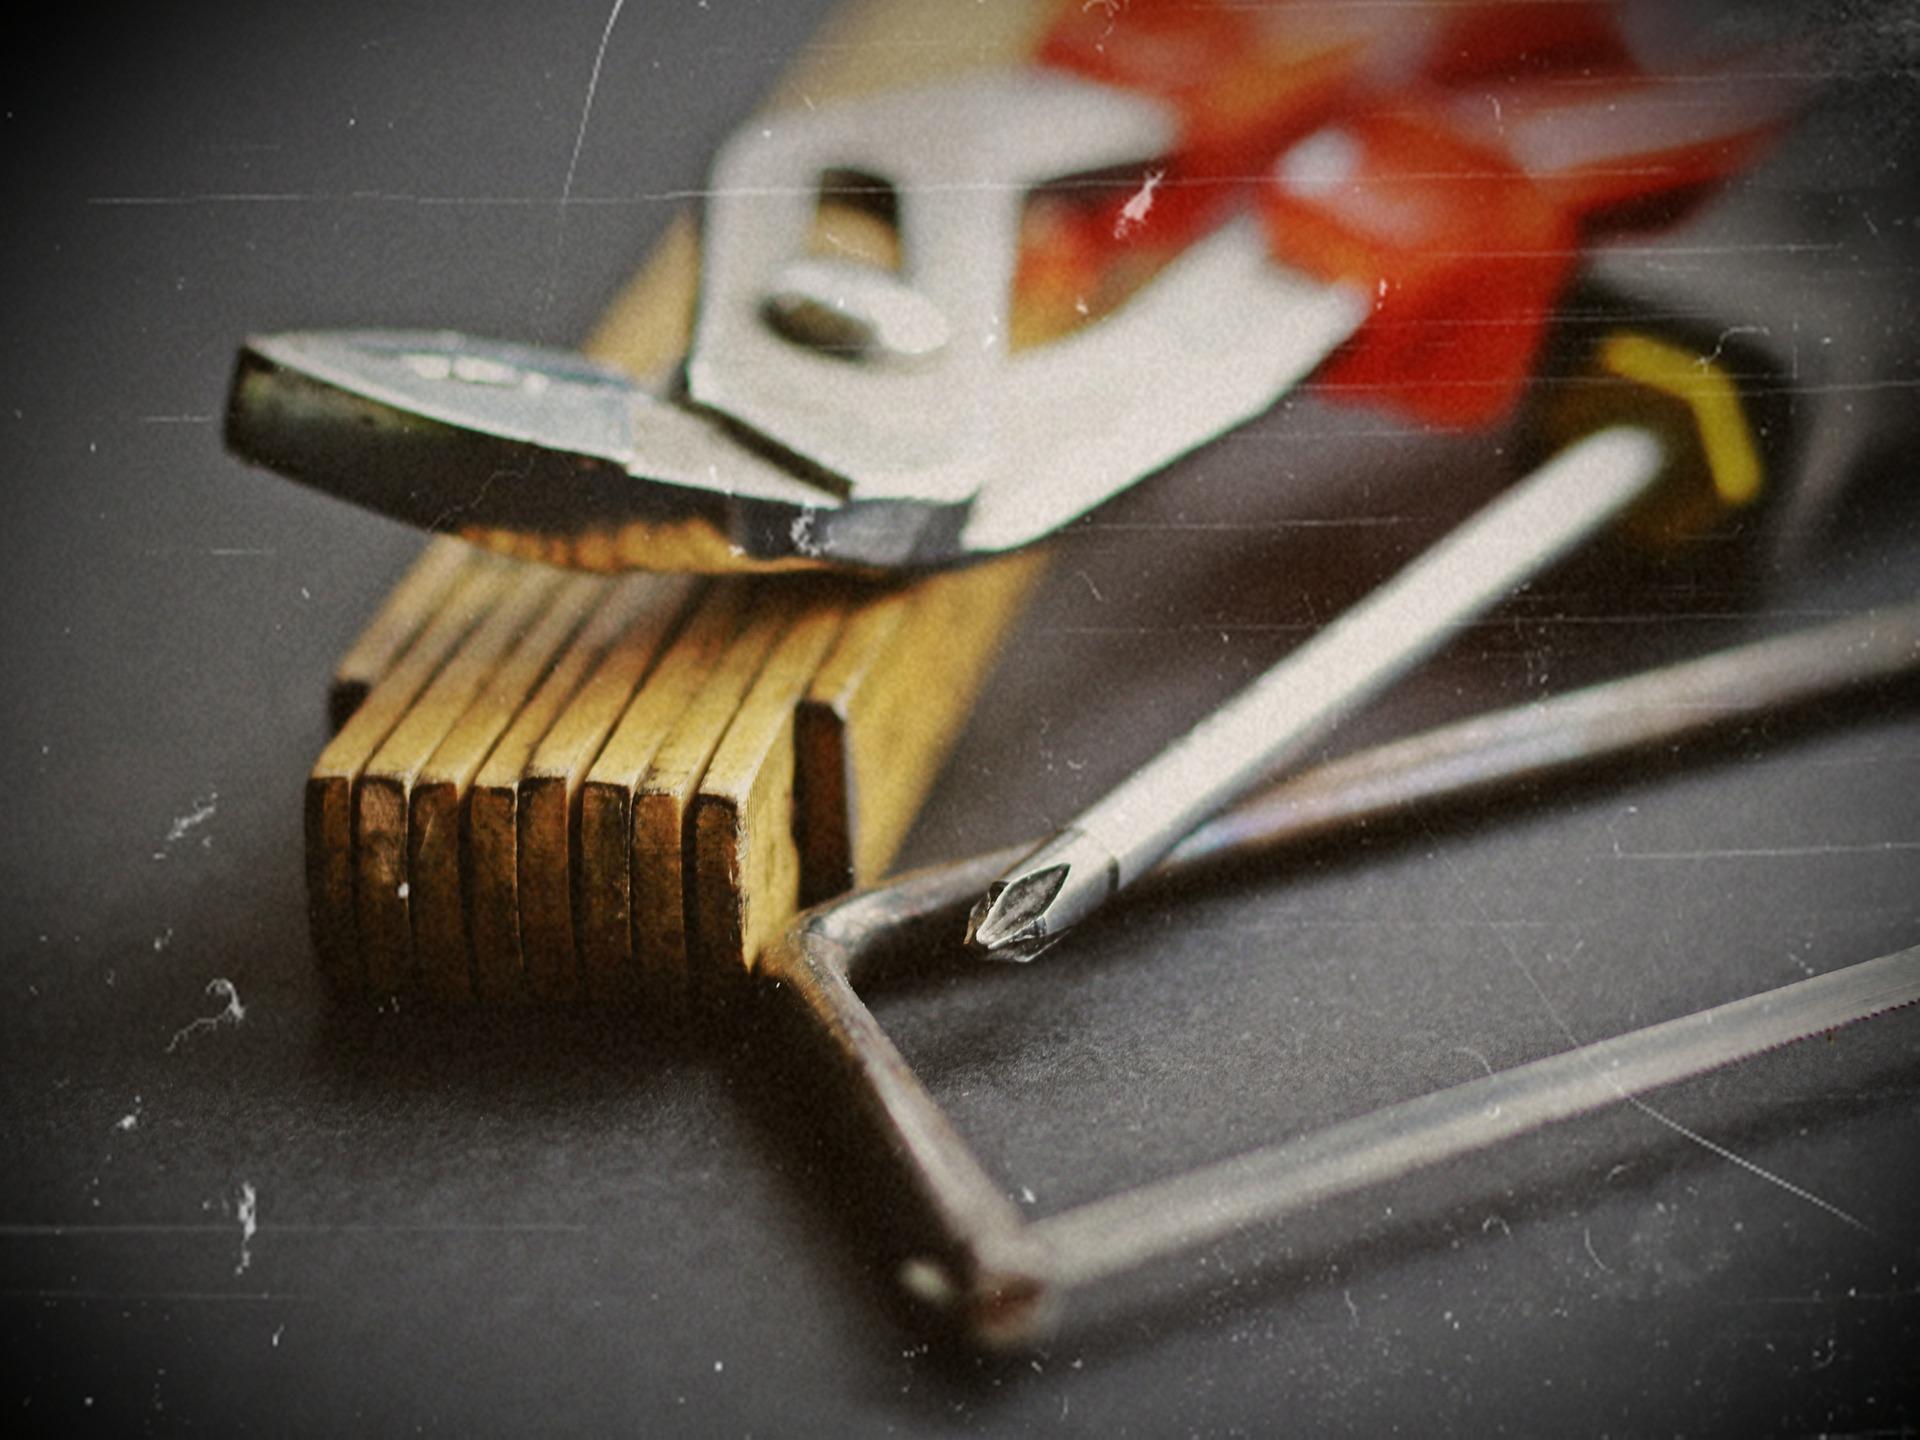 En samling verktyg